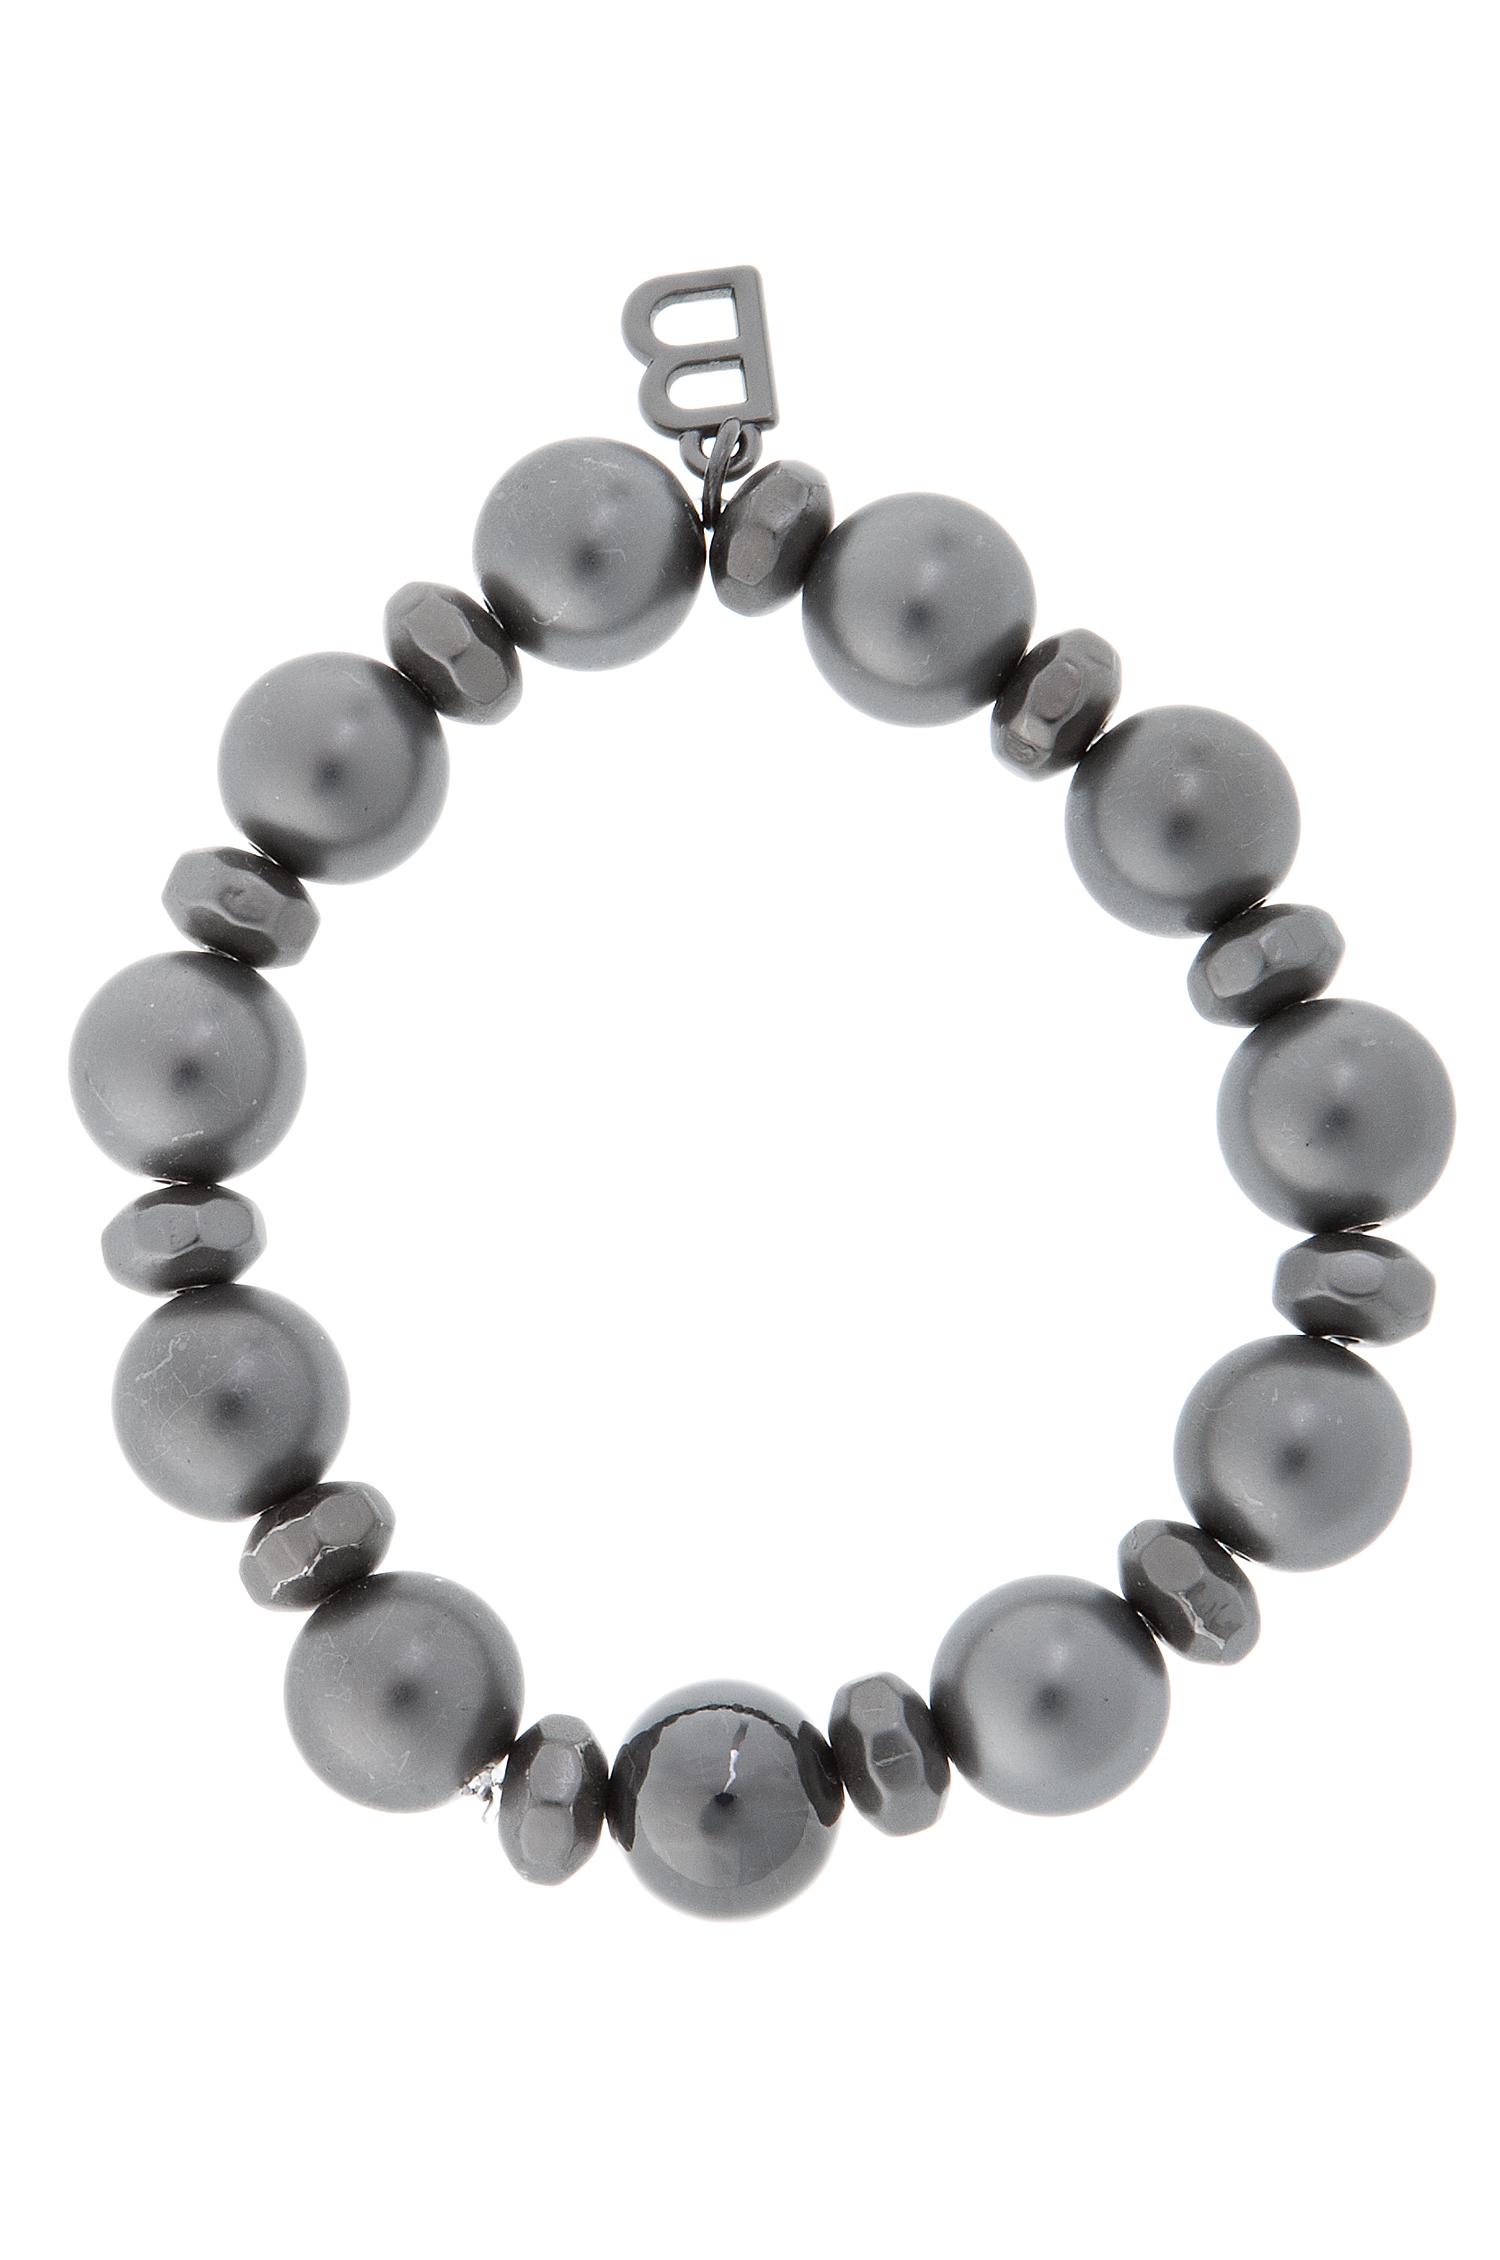 vildavi - baglady - armband - mimmi - svart / grå